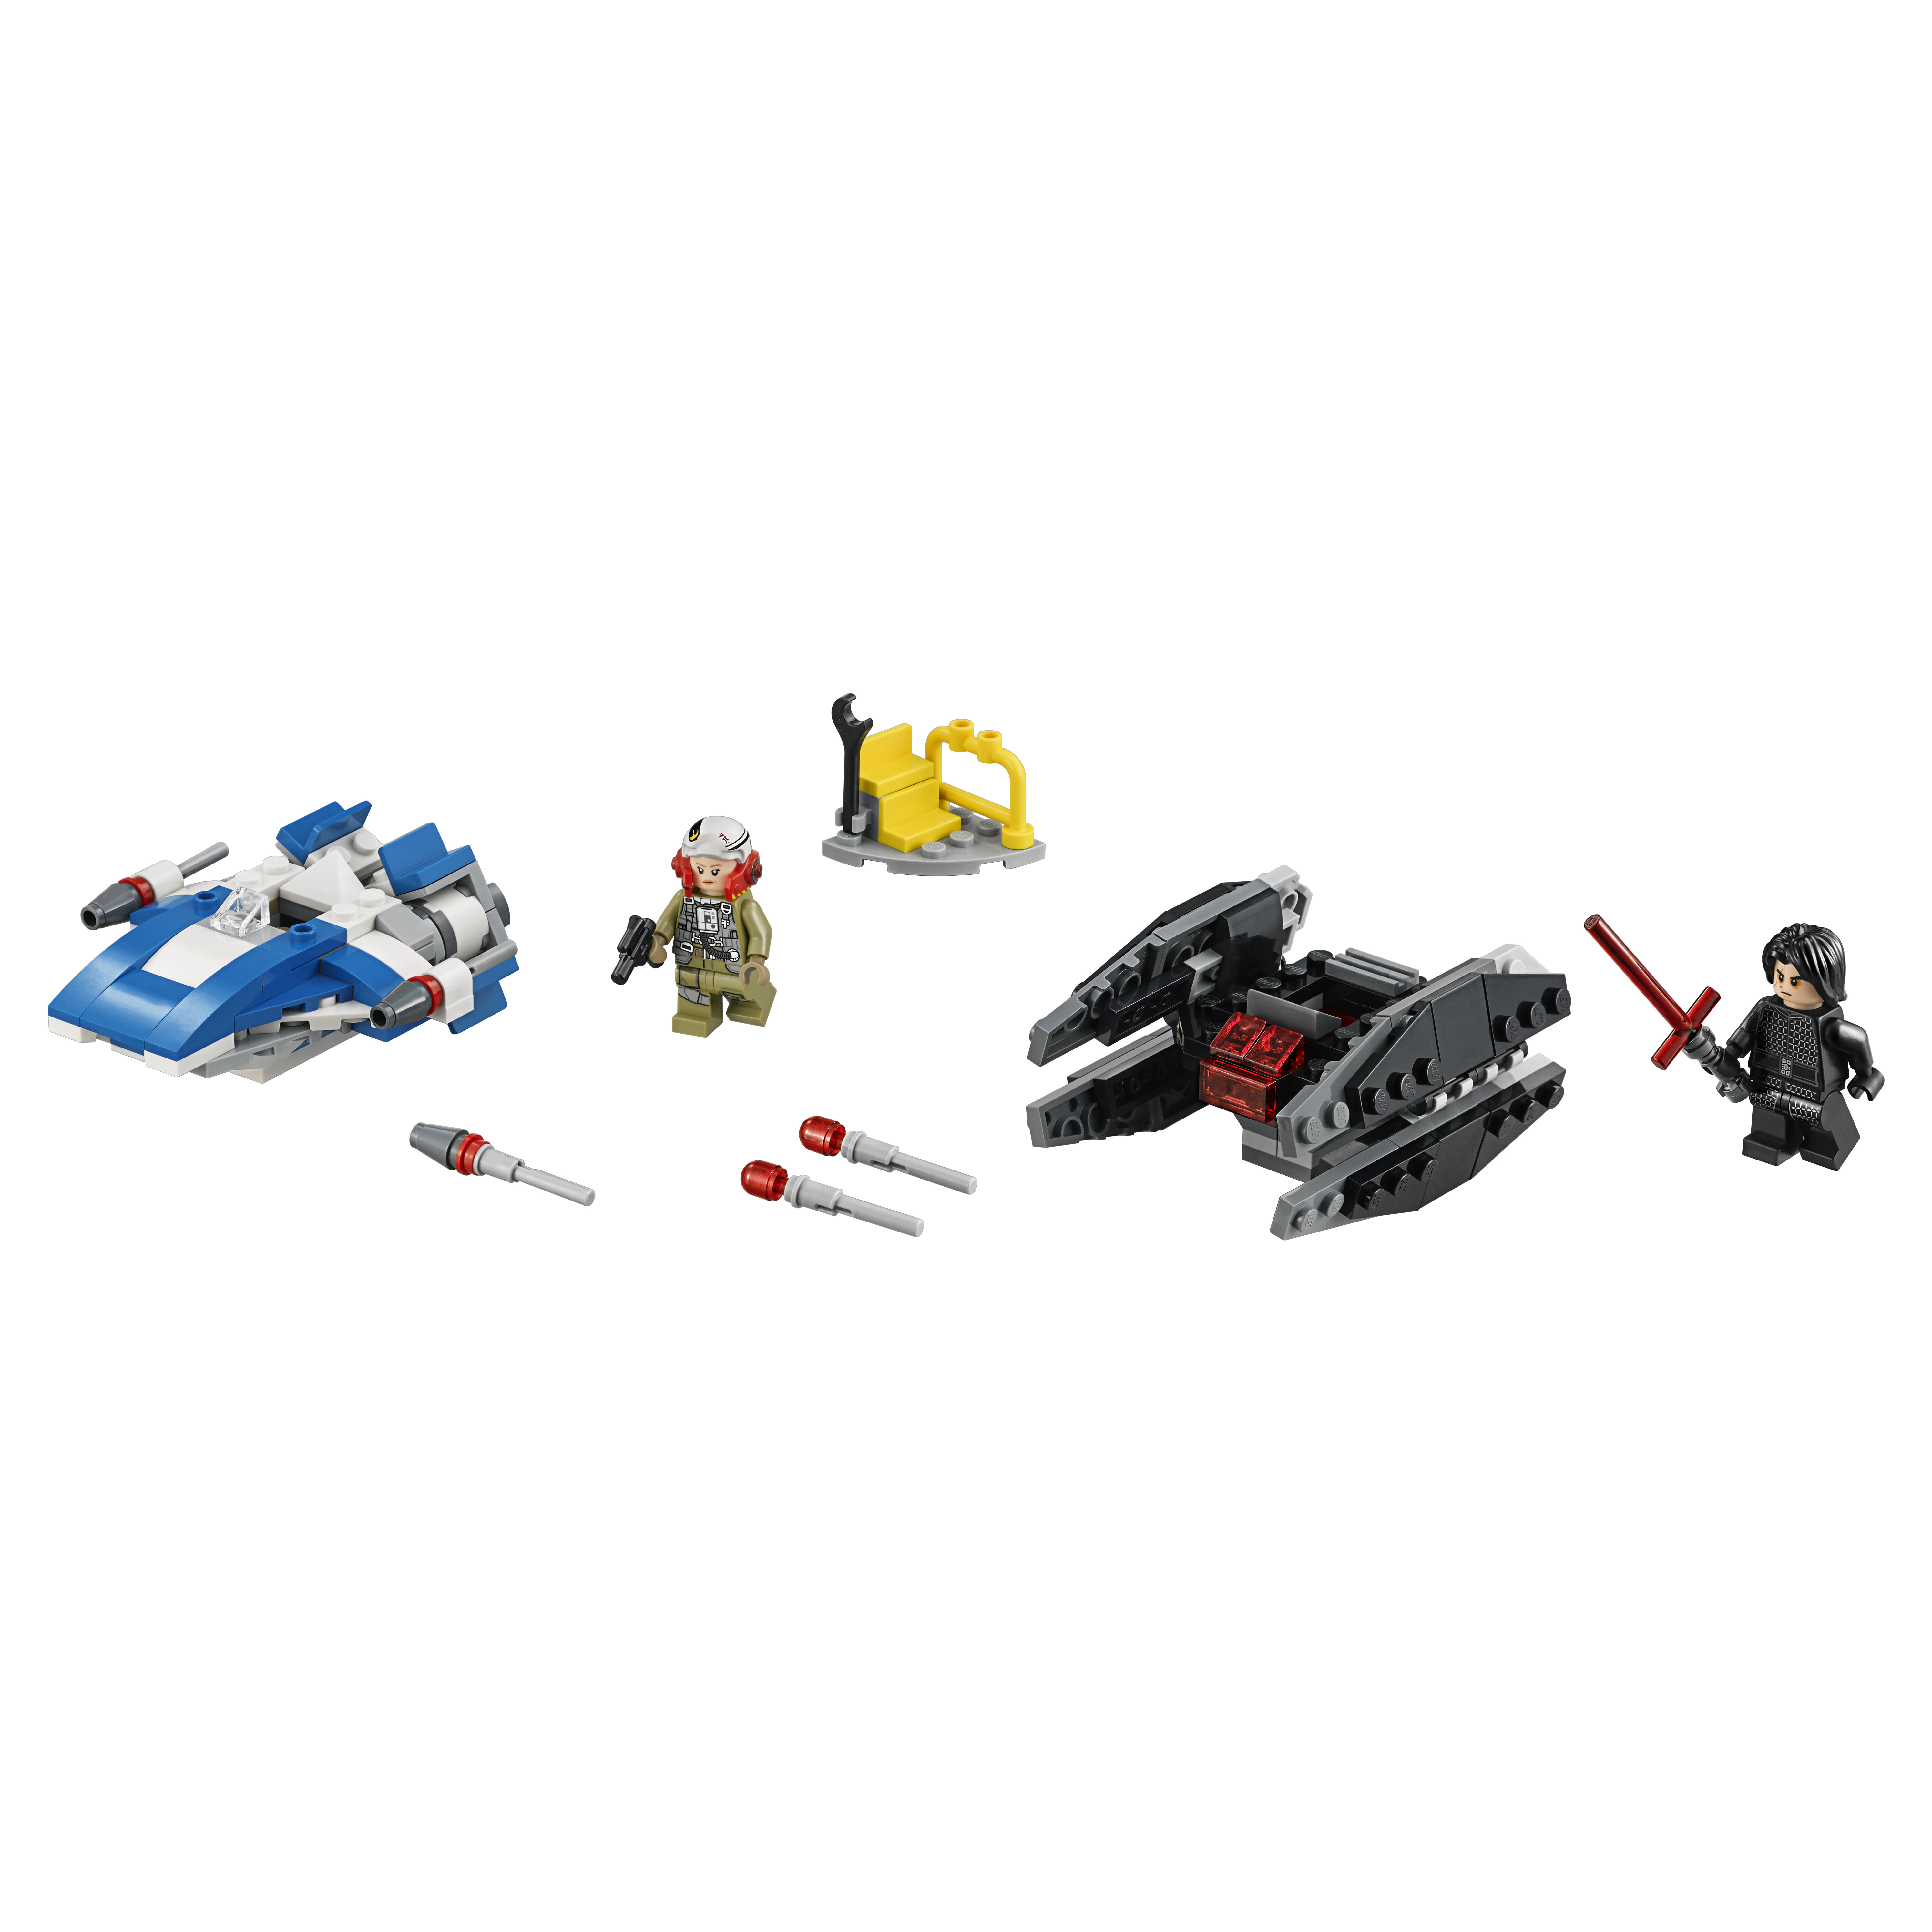 Купить Конструктор lego star wars истребитель типа a против бесшумного истребителя сид 75196, Конструктор LEGO Star Wars Истребитель типа A против бесшумного истребителя СИД (75196)